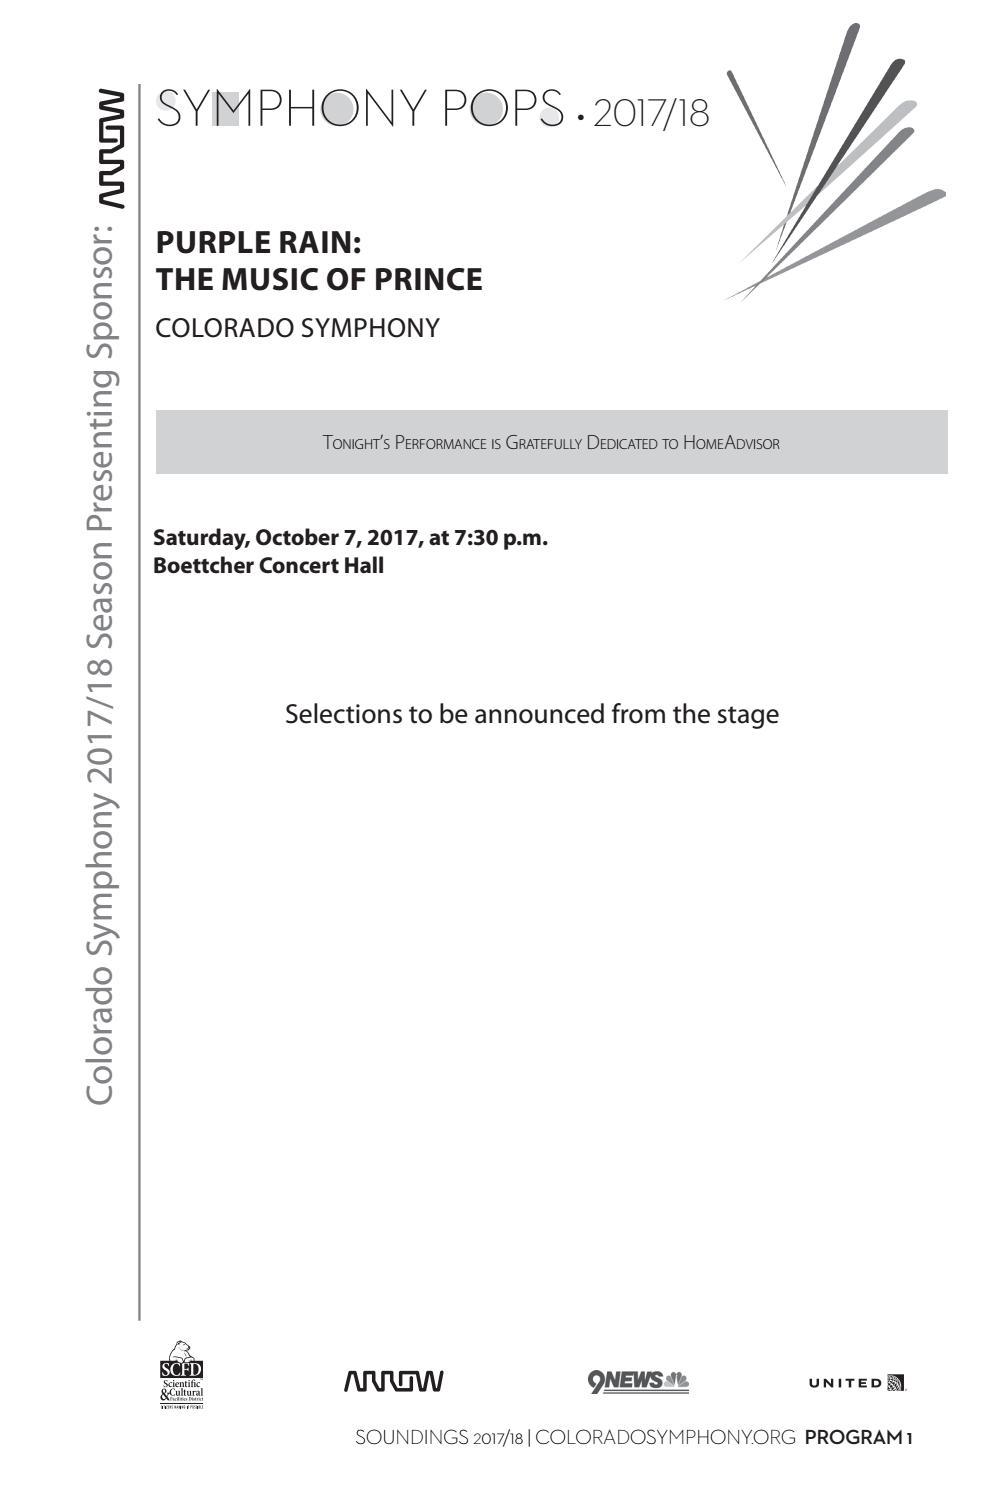 Program - Purple Rain: The Music of Prince by Colorado